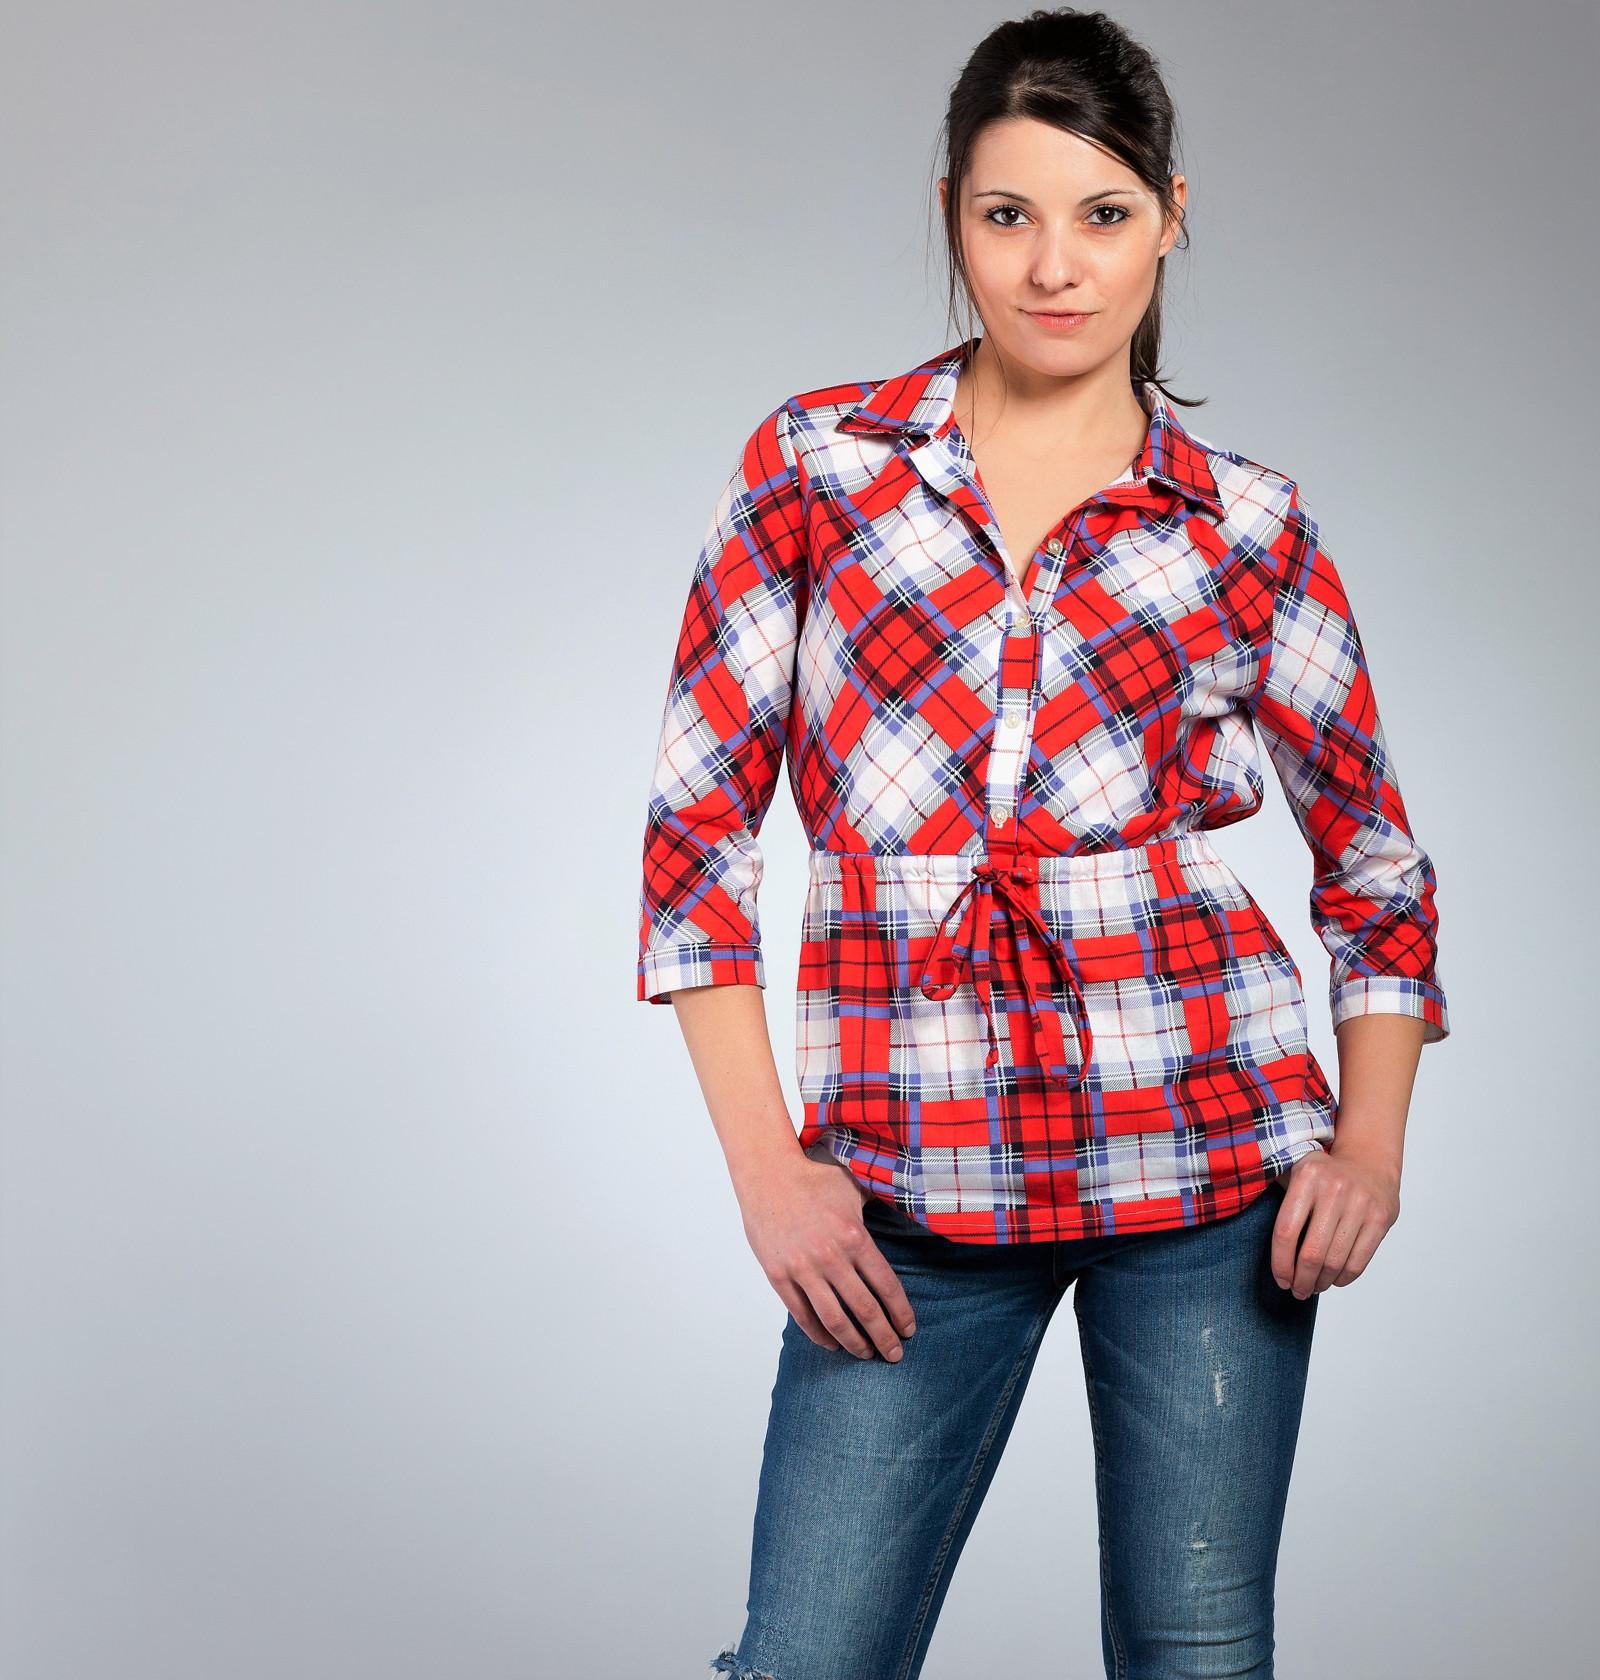 Dámská kostkovaná košilová halenka   Zboží prodejce evzenie divinova ... 3e50c0d72b